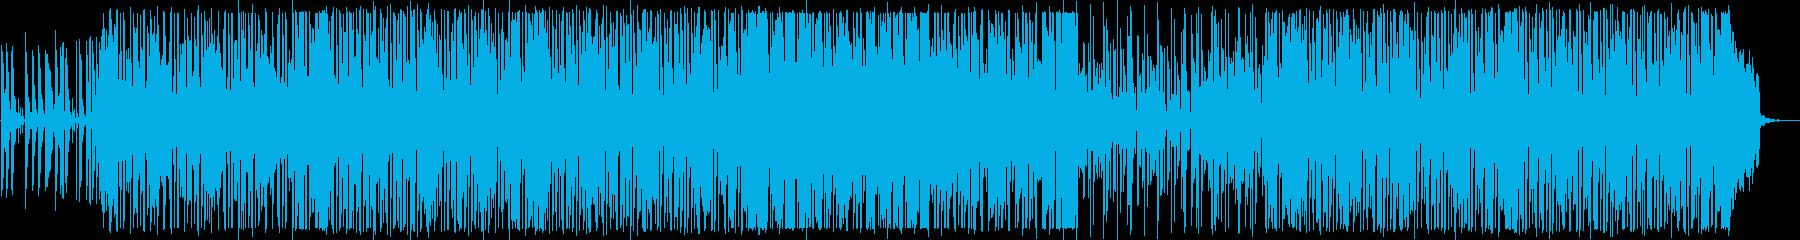 軽快なダンスディスコポップの再生済みの波形